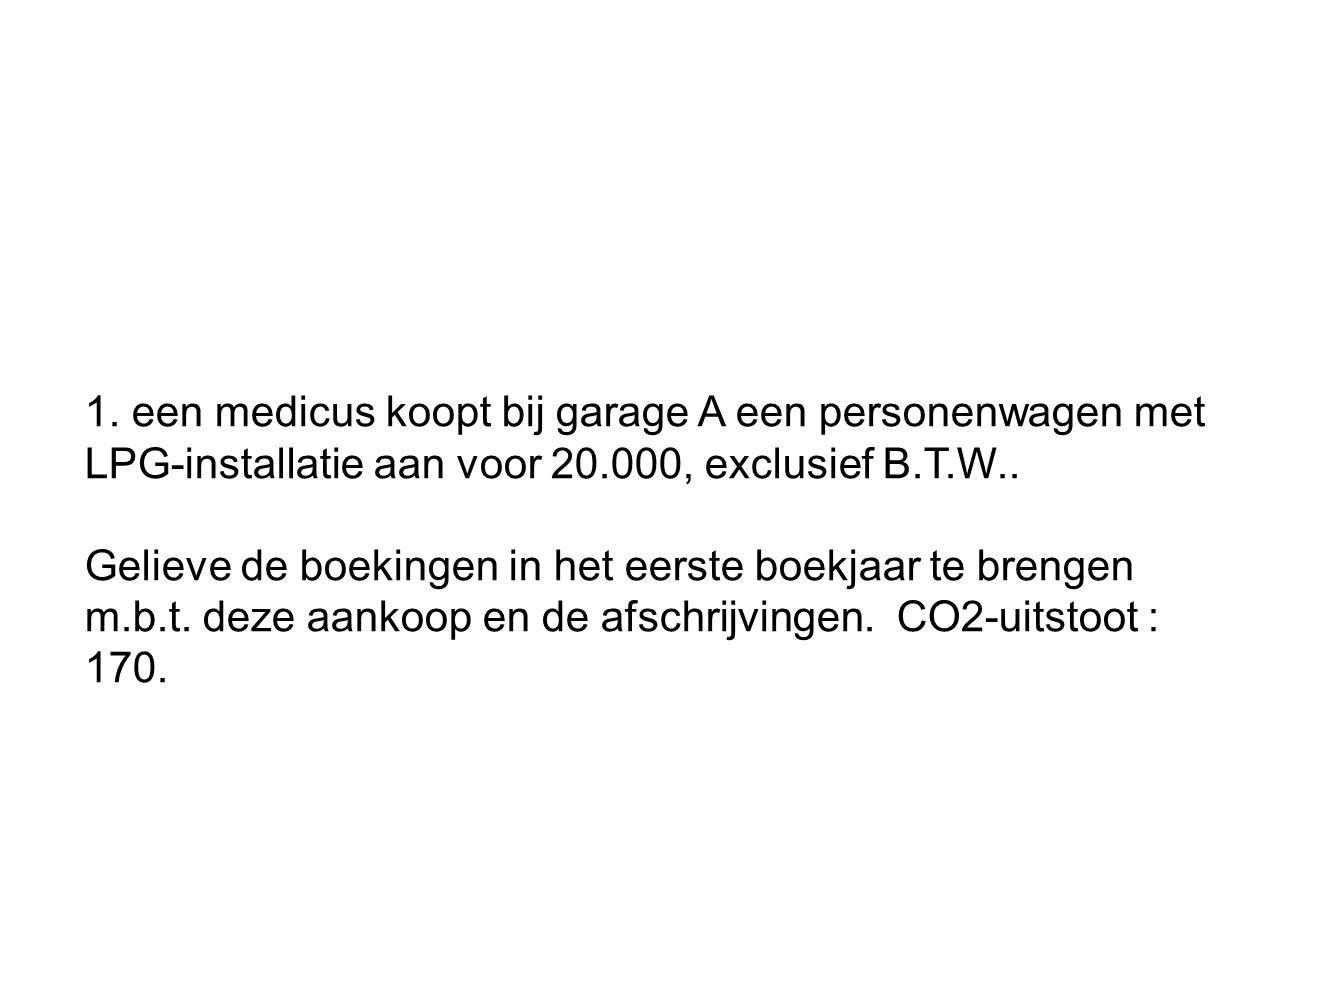 1. een medicus koopt bij garage A een personenwagen met LPG-installatie aan voor 20.000, exclusief B.T.W.. Gelieve de boekingen in het eerste boekjaar